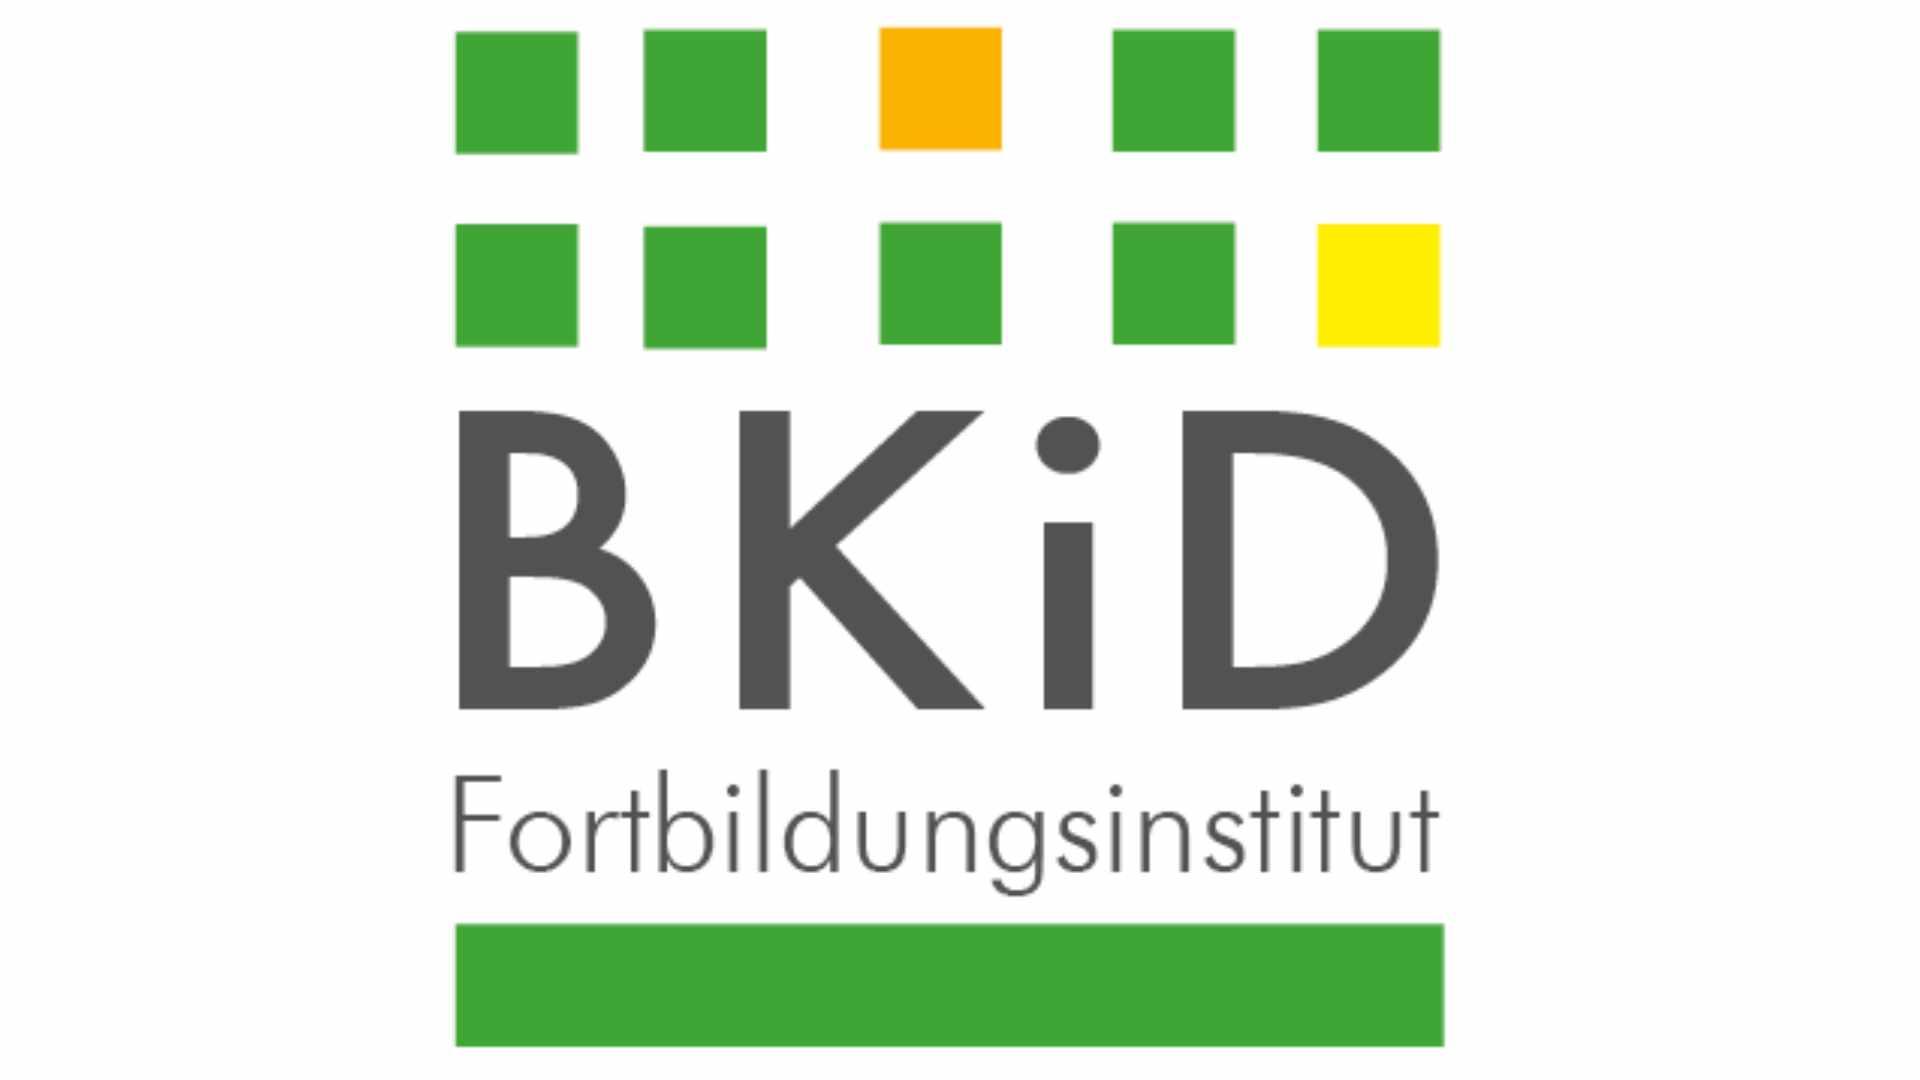 BKiD Fortbildungsinstitut